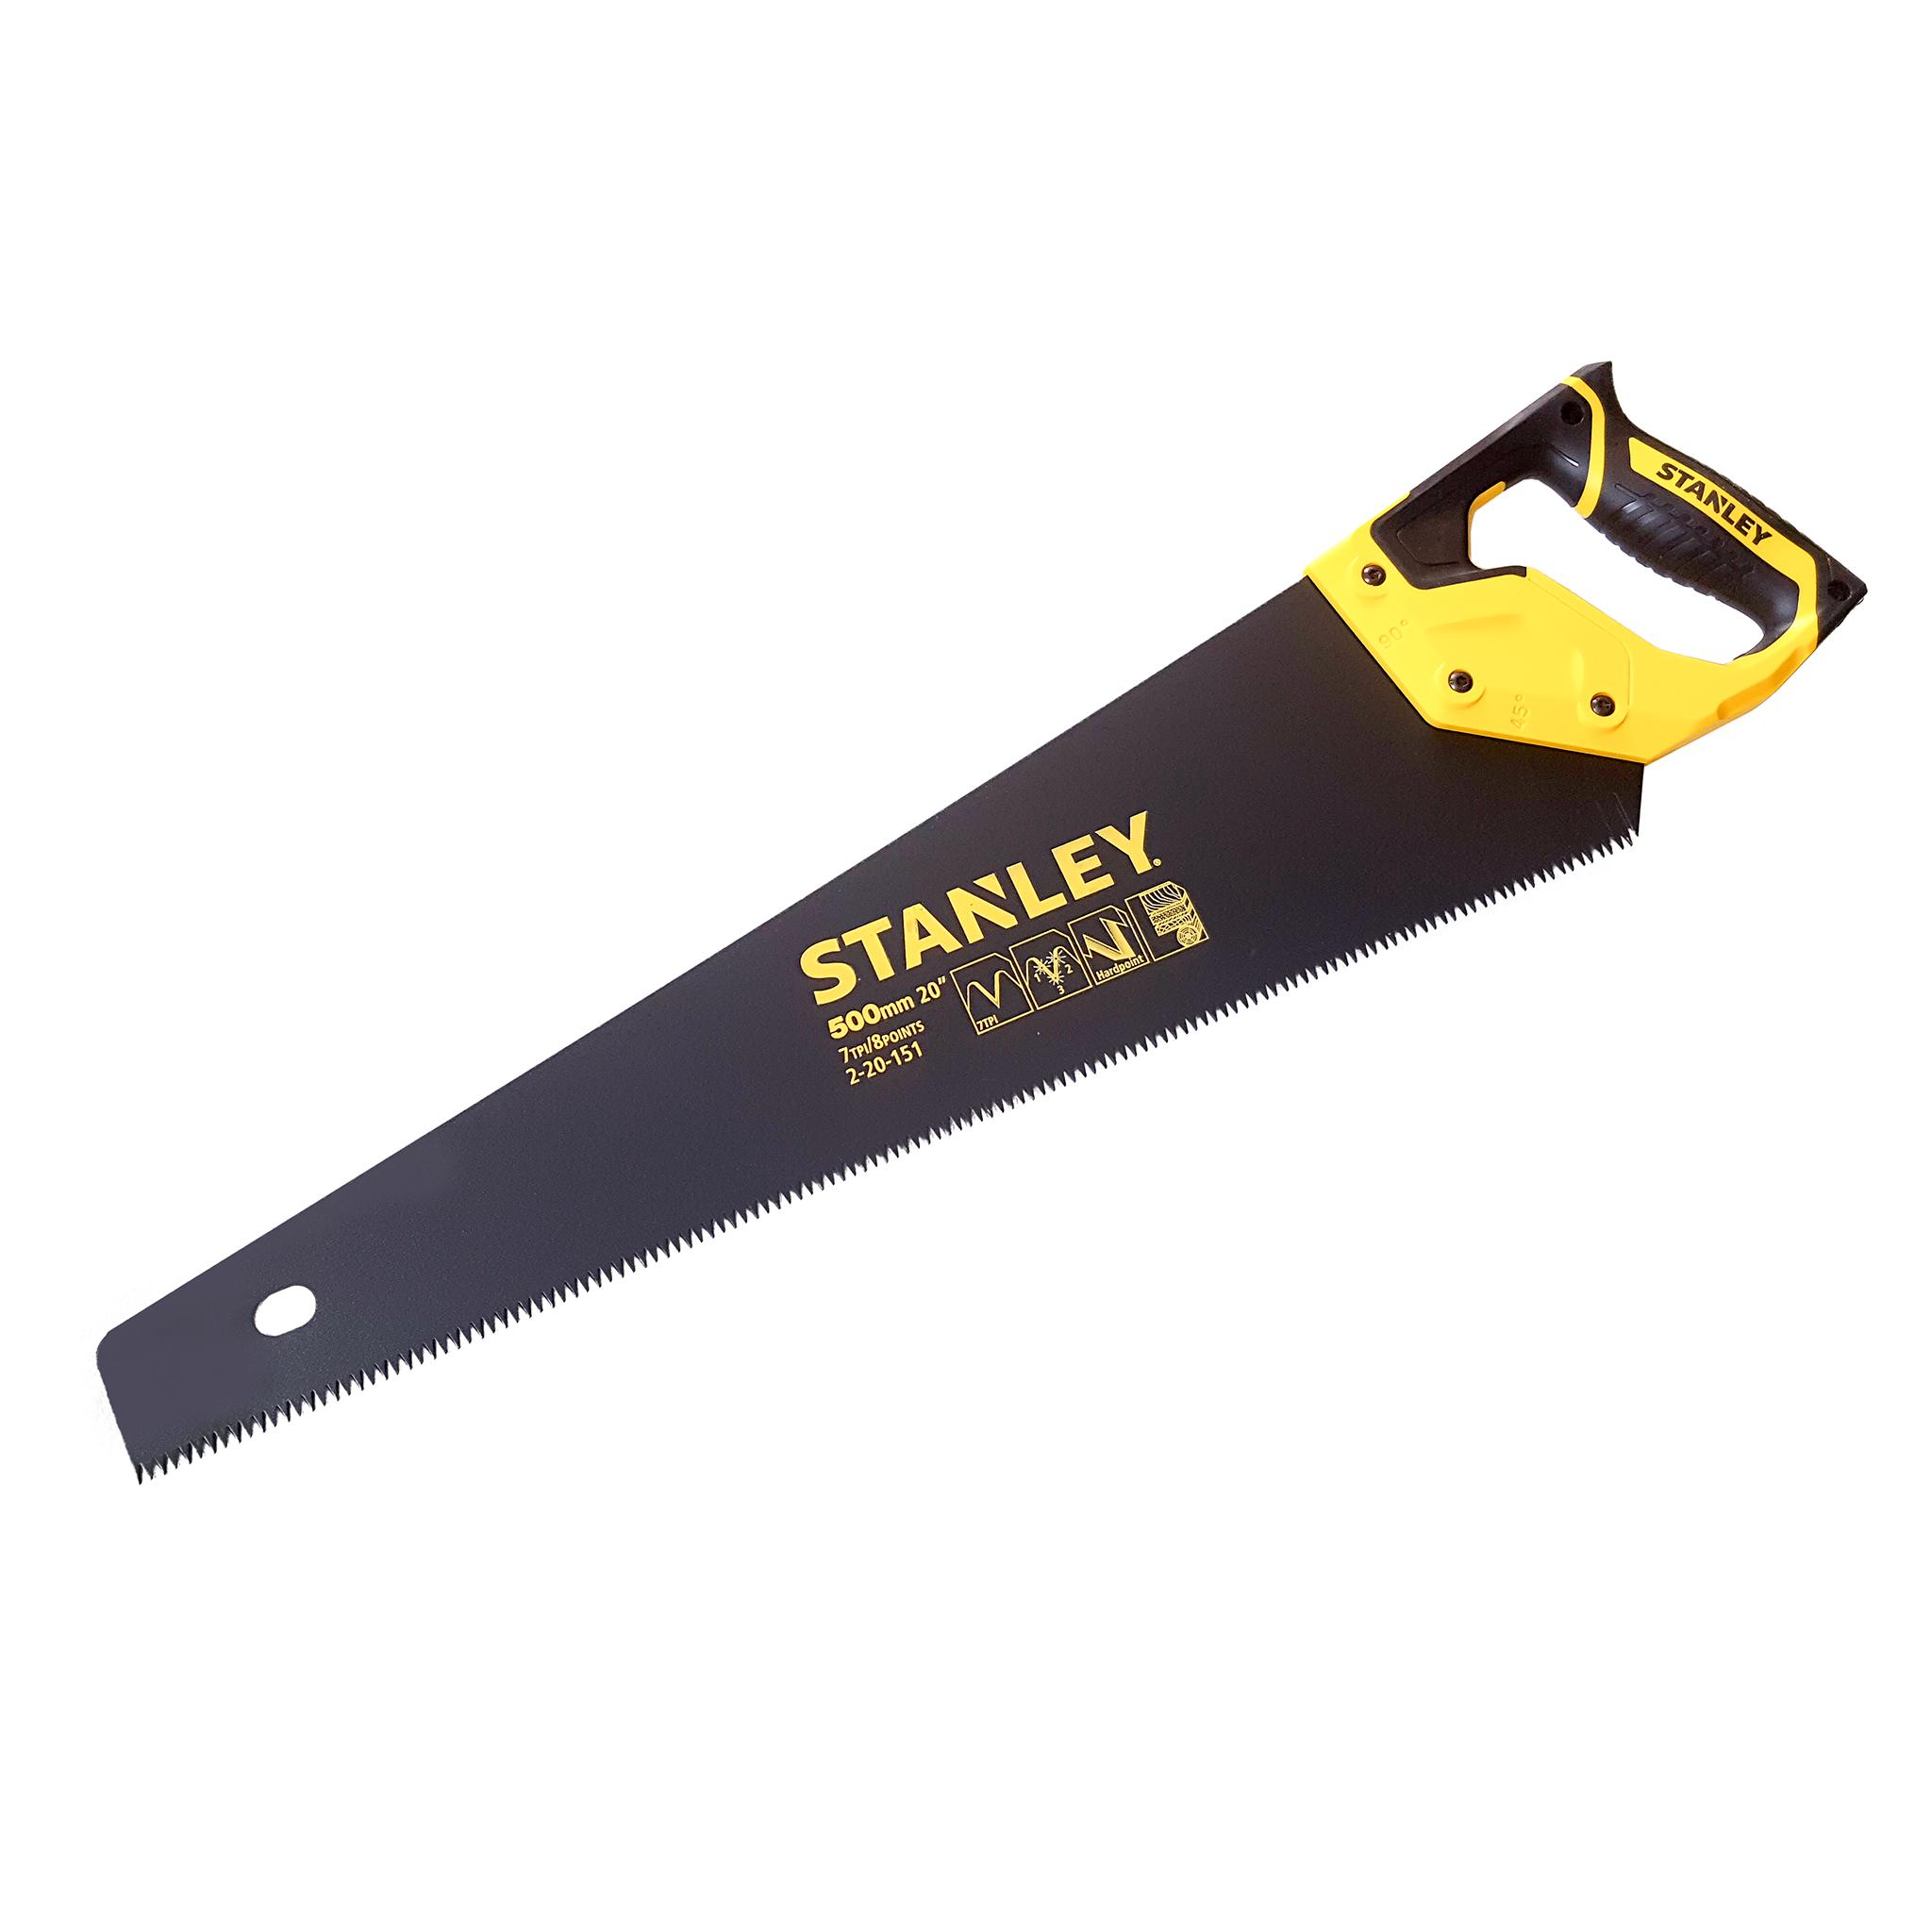 Stanley Jetcut-Säge Appliflon besch. 500